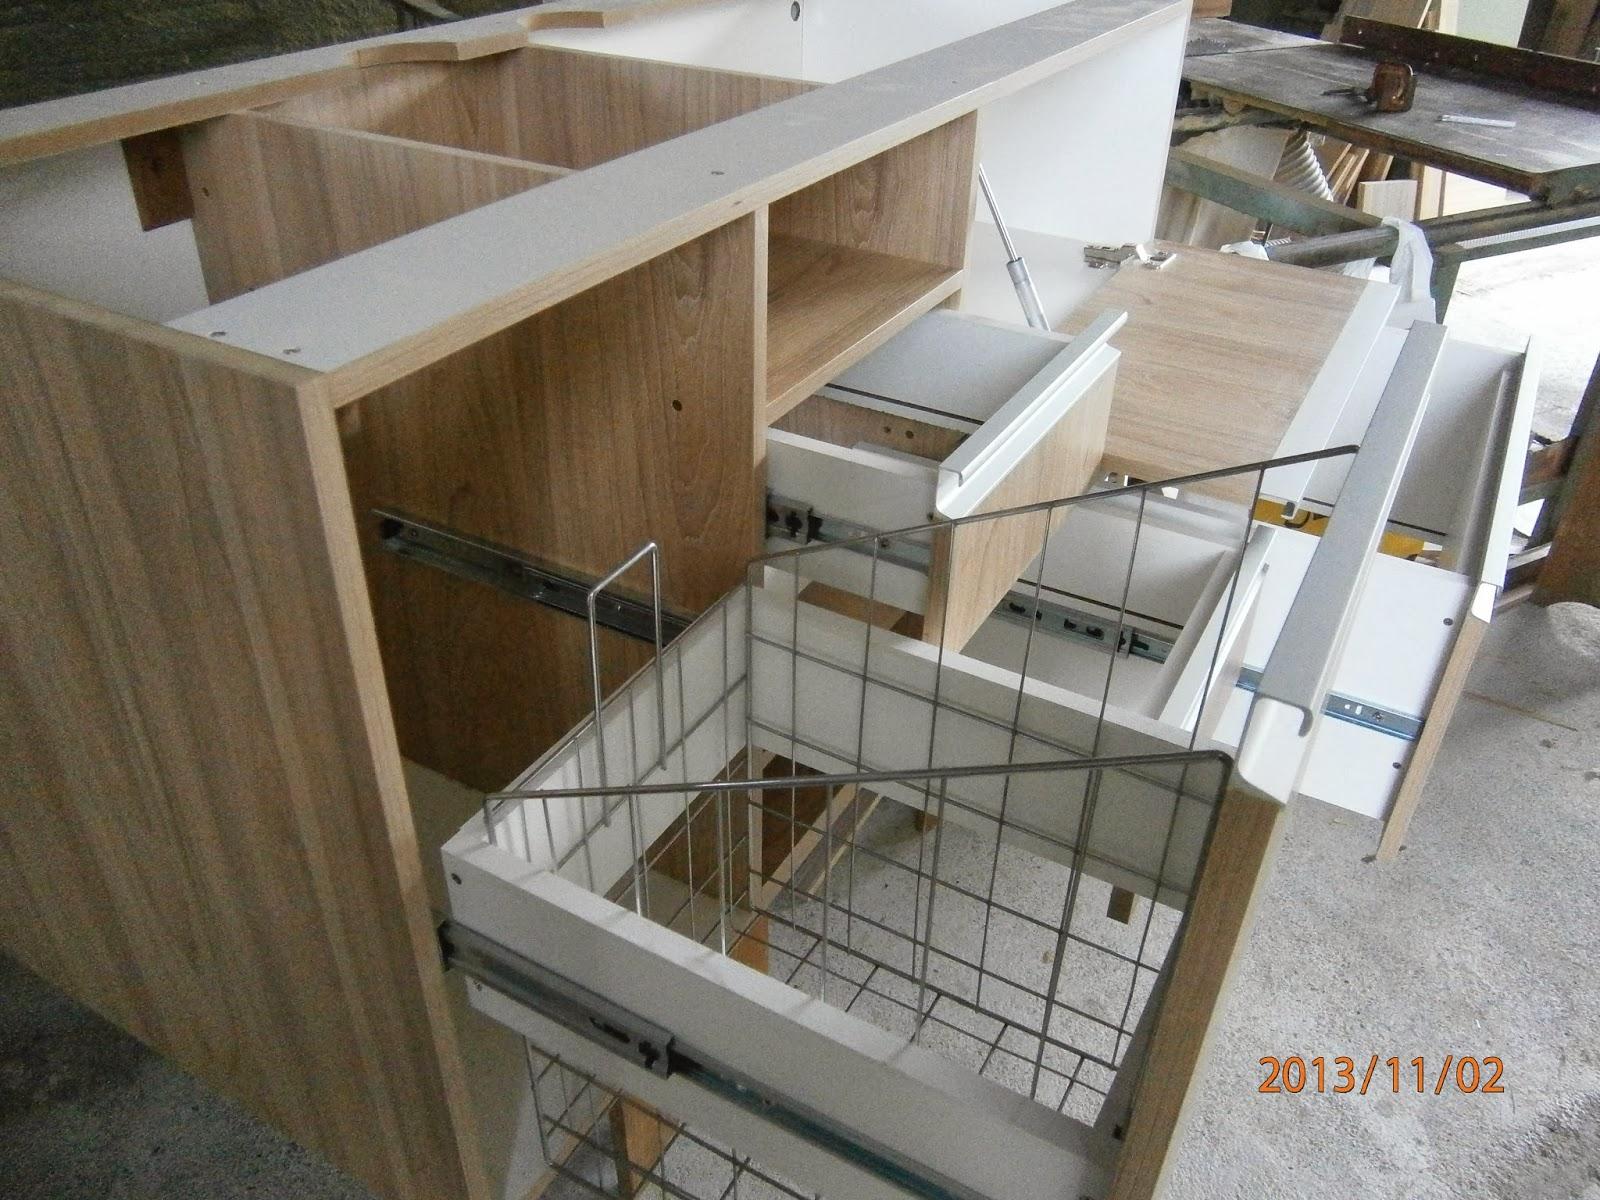 balcão com espelho para banheiro em madeira maciça de imbúia #5E4E37 1600x1200 Balcao Banheiro Com Espelho